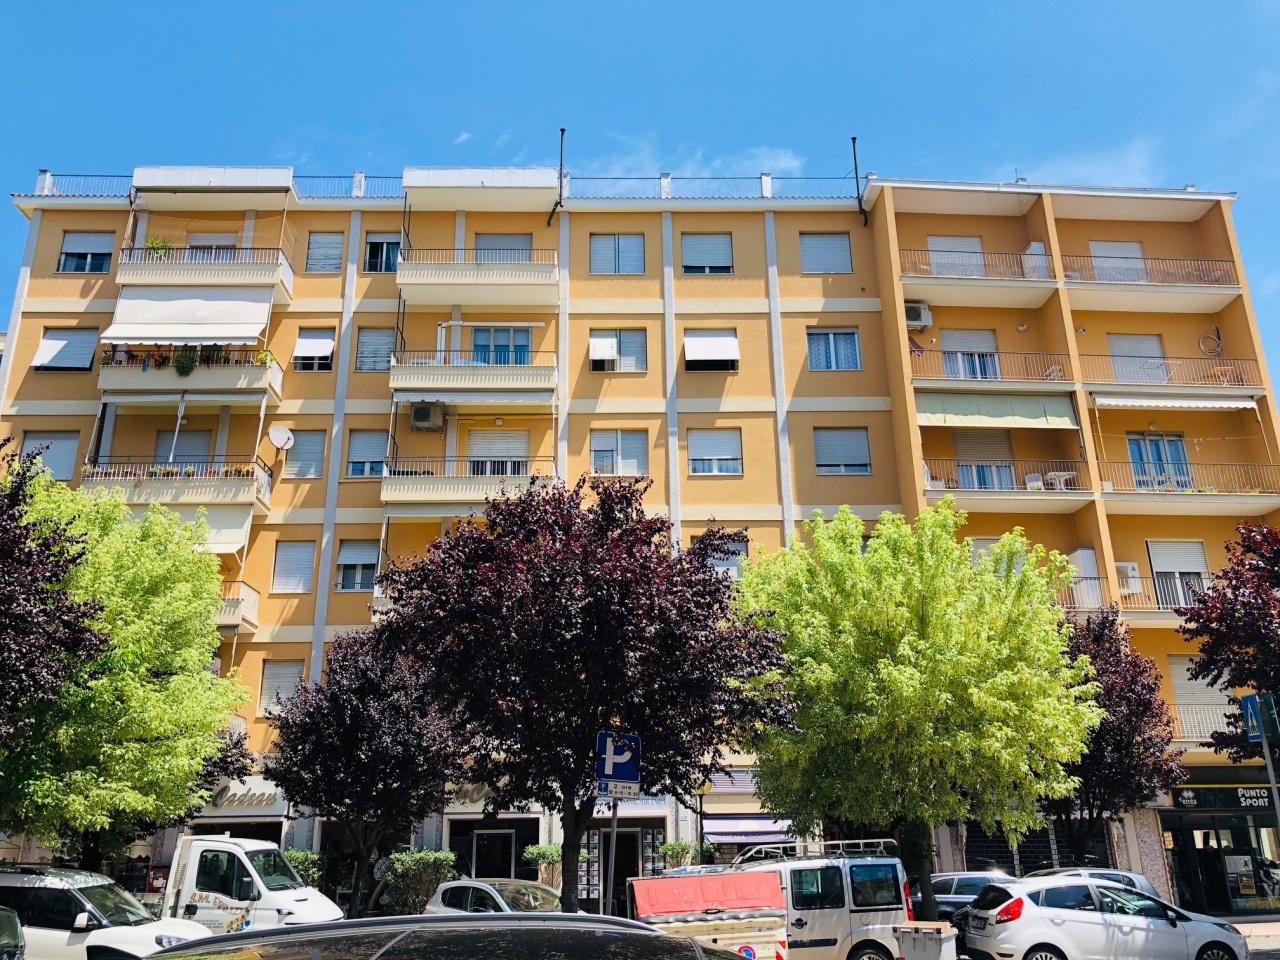 Appartamento in vendita a Grosseto, 6 locali, prezzo € 220.000 | PortaleAgenzieImmobiliari.it